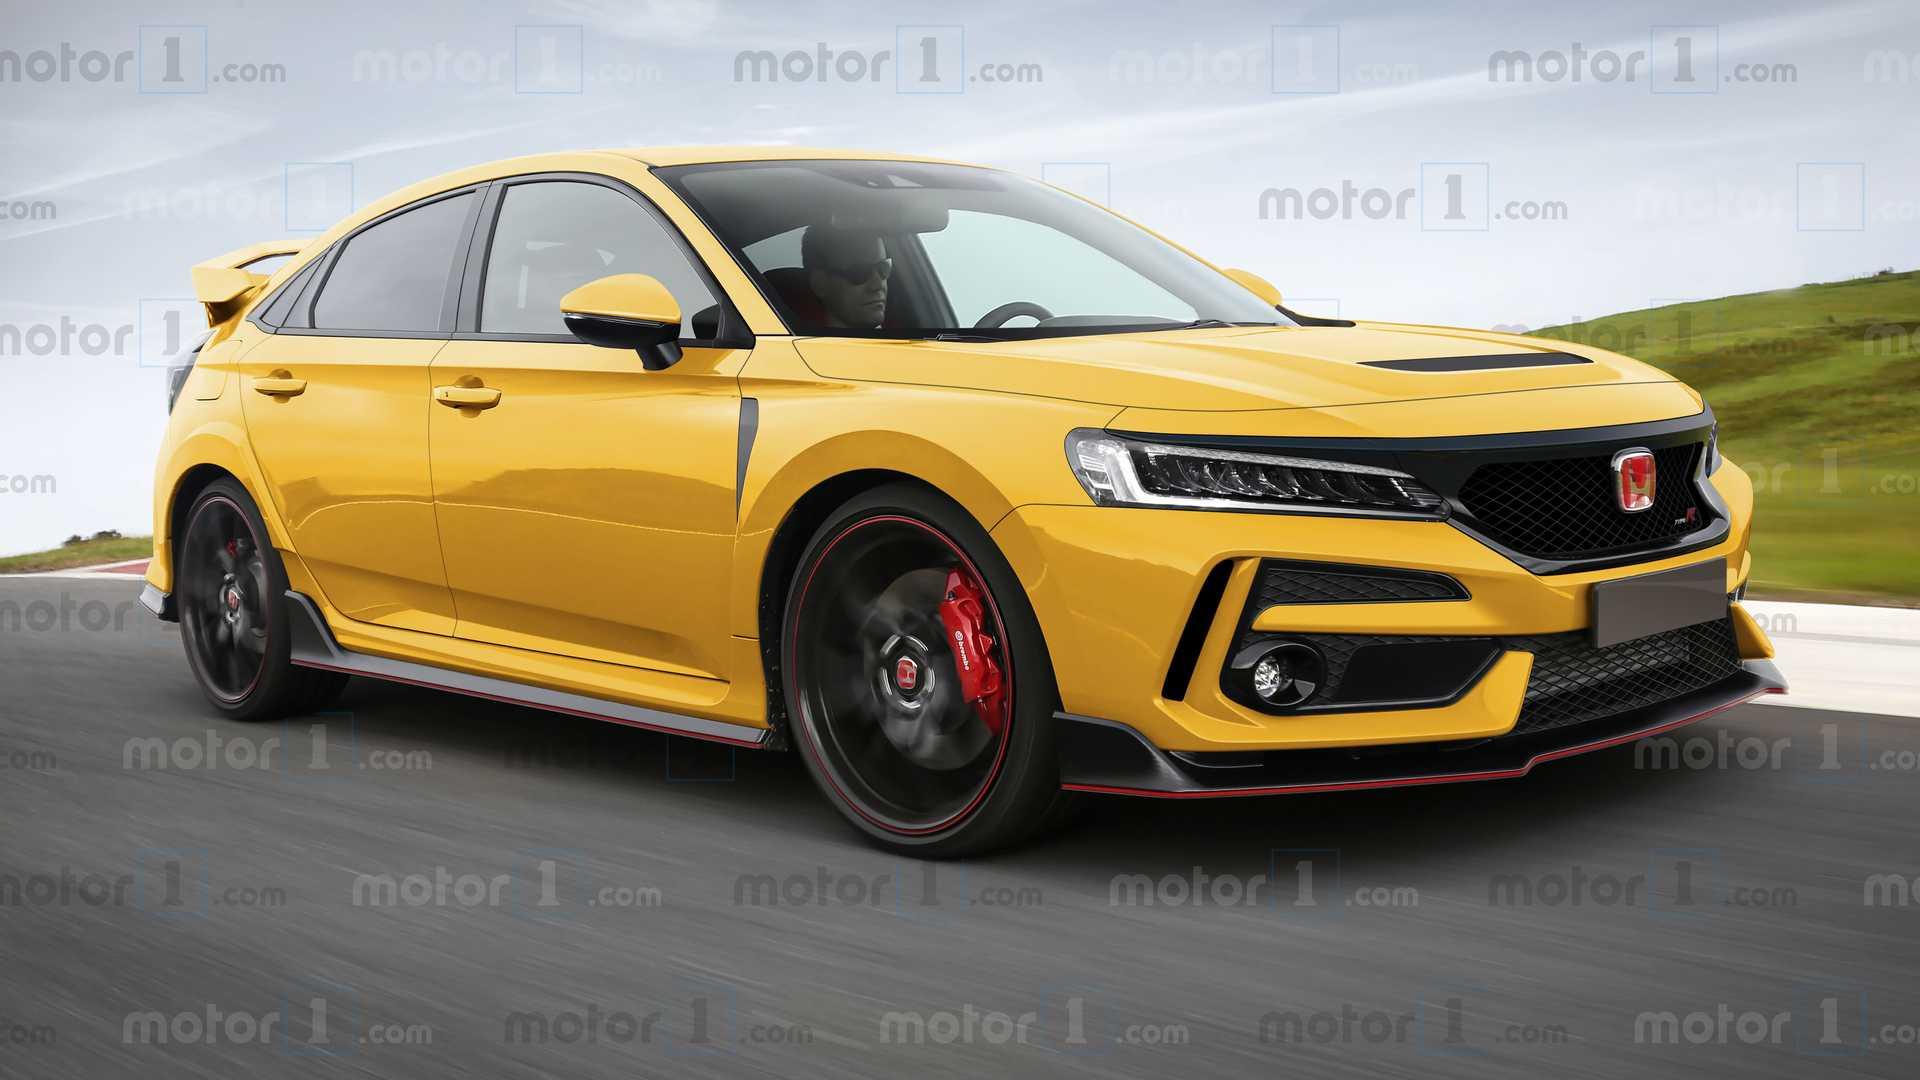 Motor1.com - Rending Honda Civic Type R di nuova generazione